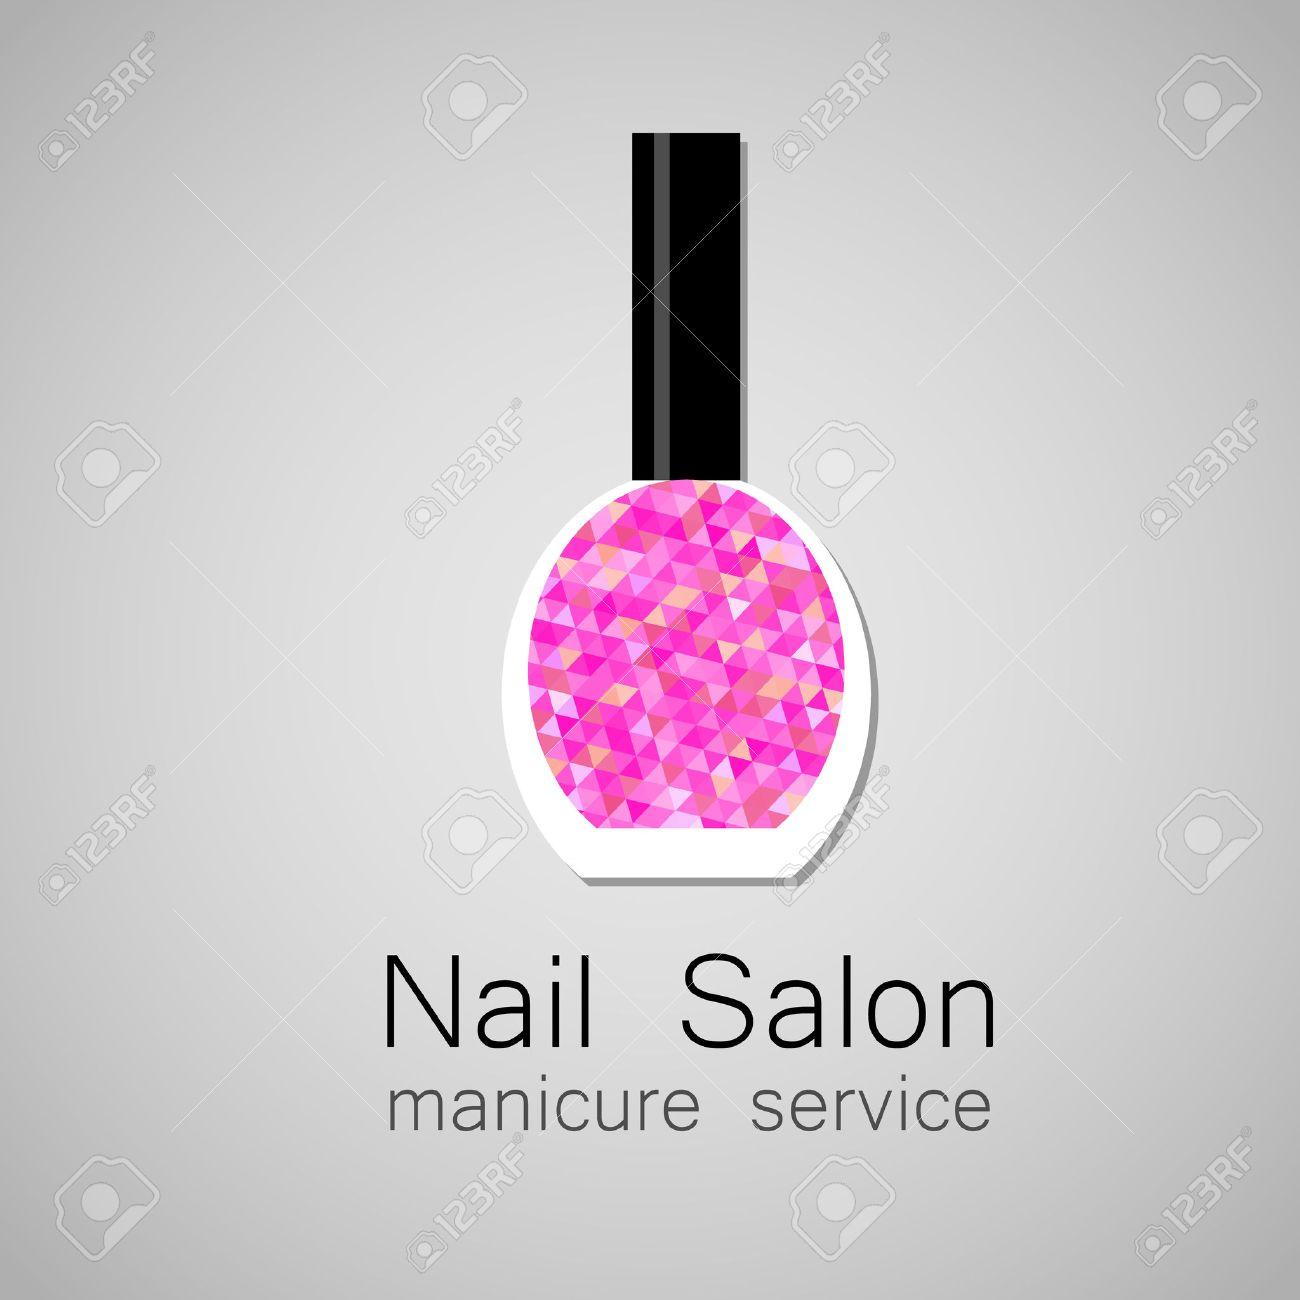 creative salon logo design ideas for inspiration nail - Nail Salon Logo Design Ideas